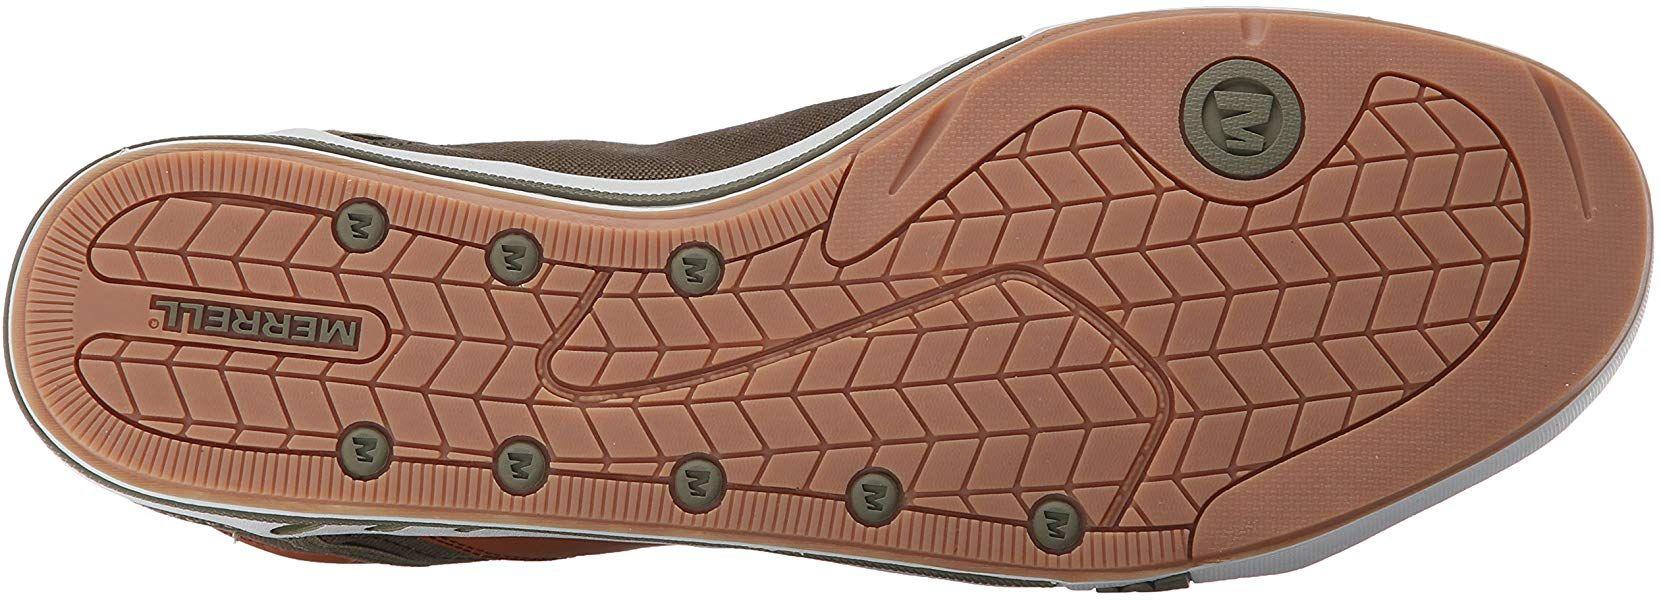 31+ Merrell slip on shoes ideas info